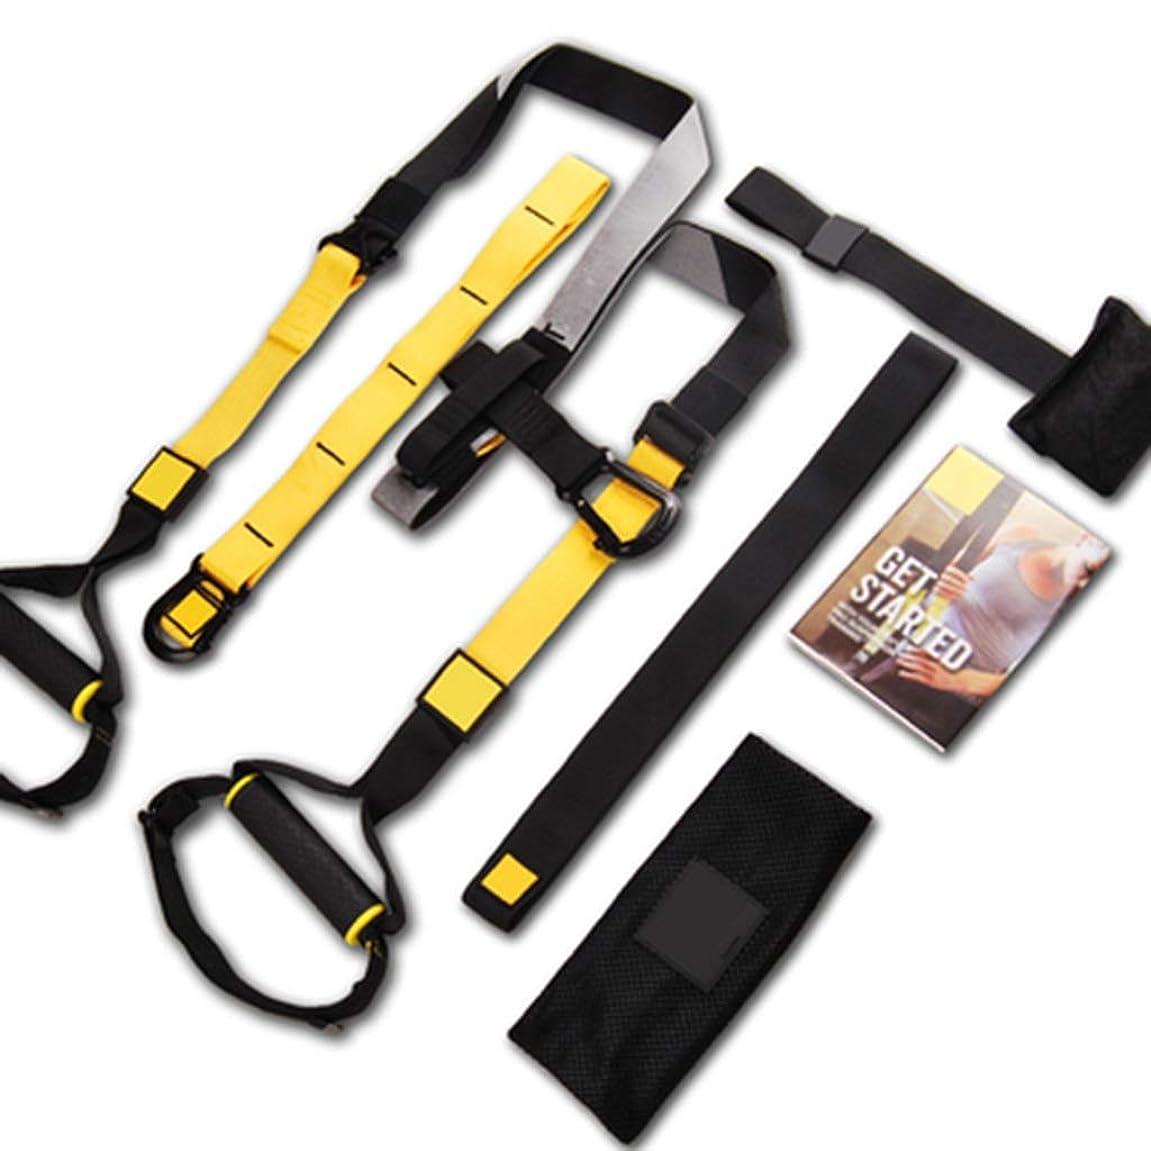 不運租界潮吊り下げトレーニングベルトP7プルロープジム専用フィットネス機器 (色 : Suspension belt)